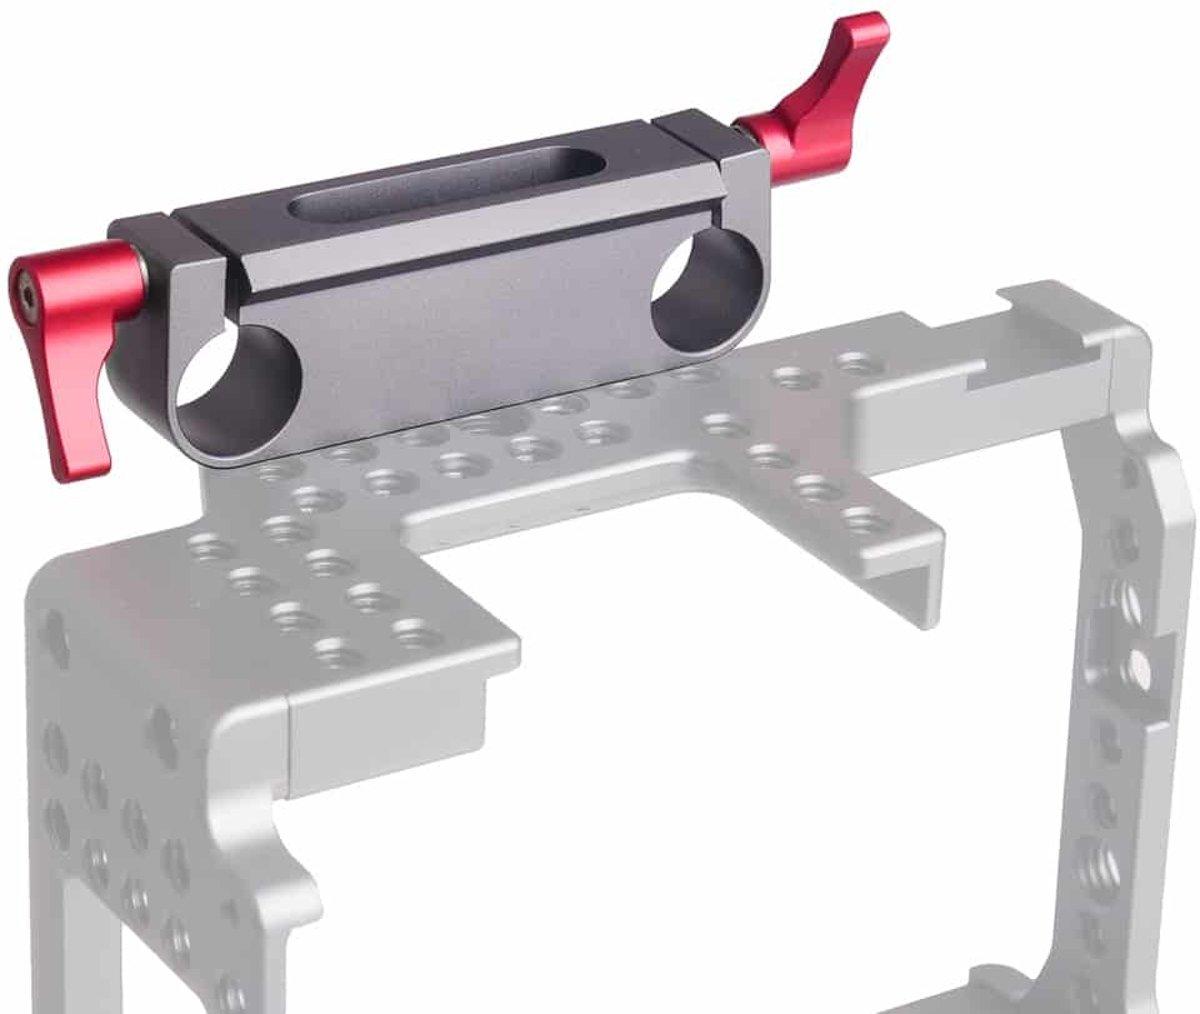 WARAXE 1501 bevestigingsbeugel voor dubbele railblokconnector voor railbevestigingssysteem van 15 mm (grijs) kopen